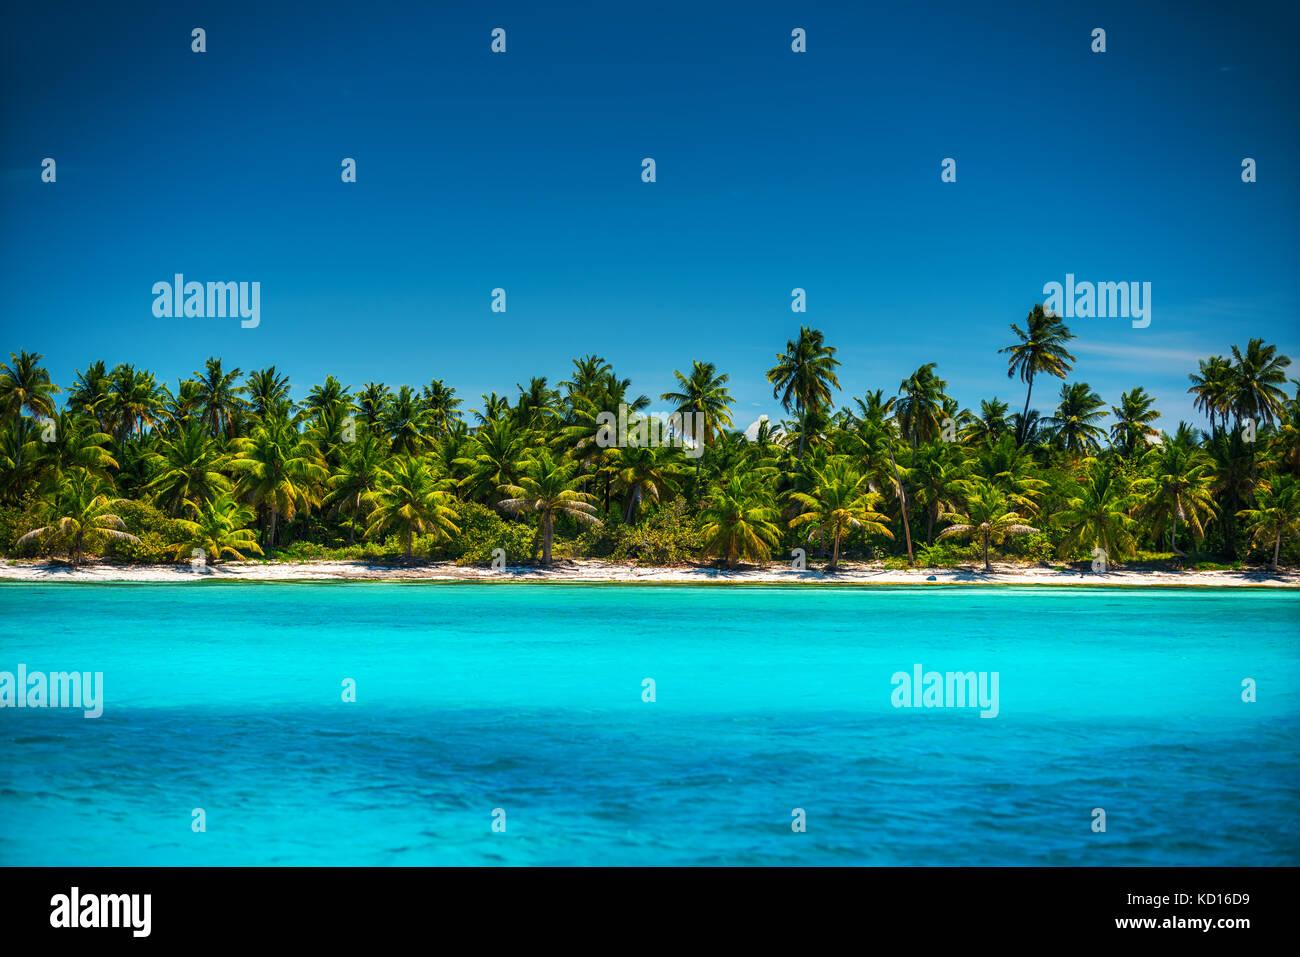 Palmiers sur la plage tropicale, République dominicaine Photo Stock